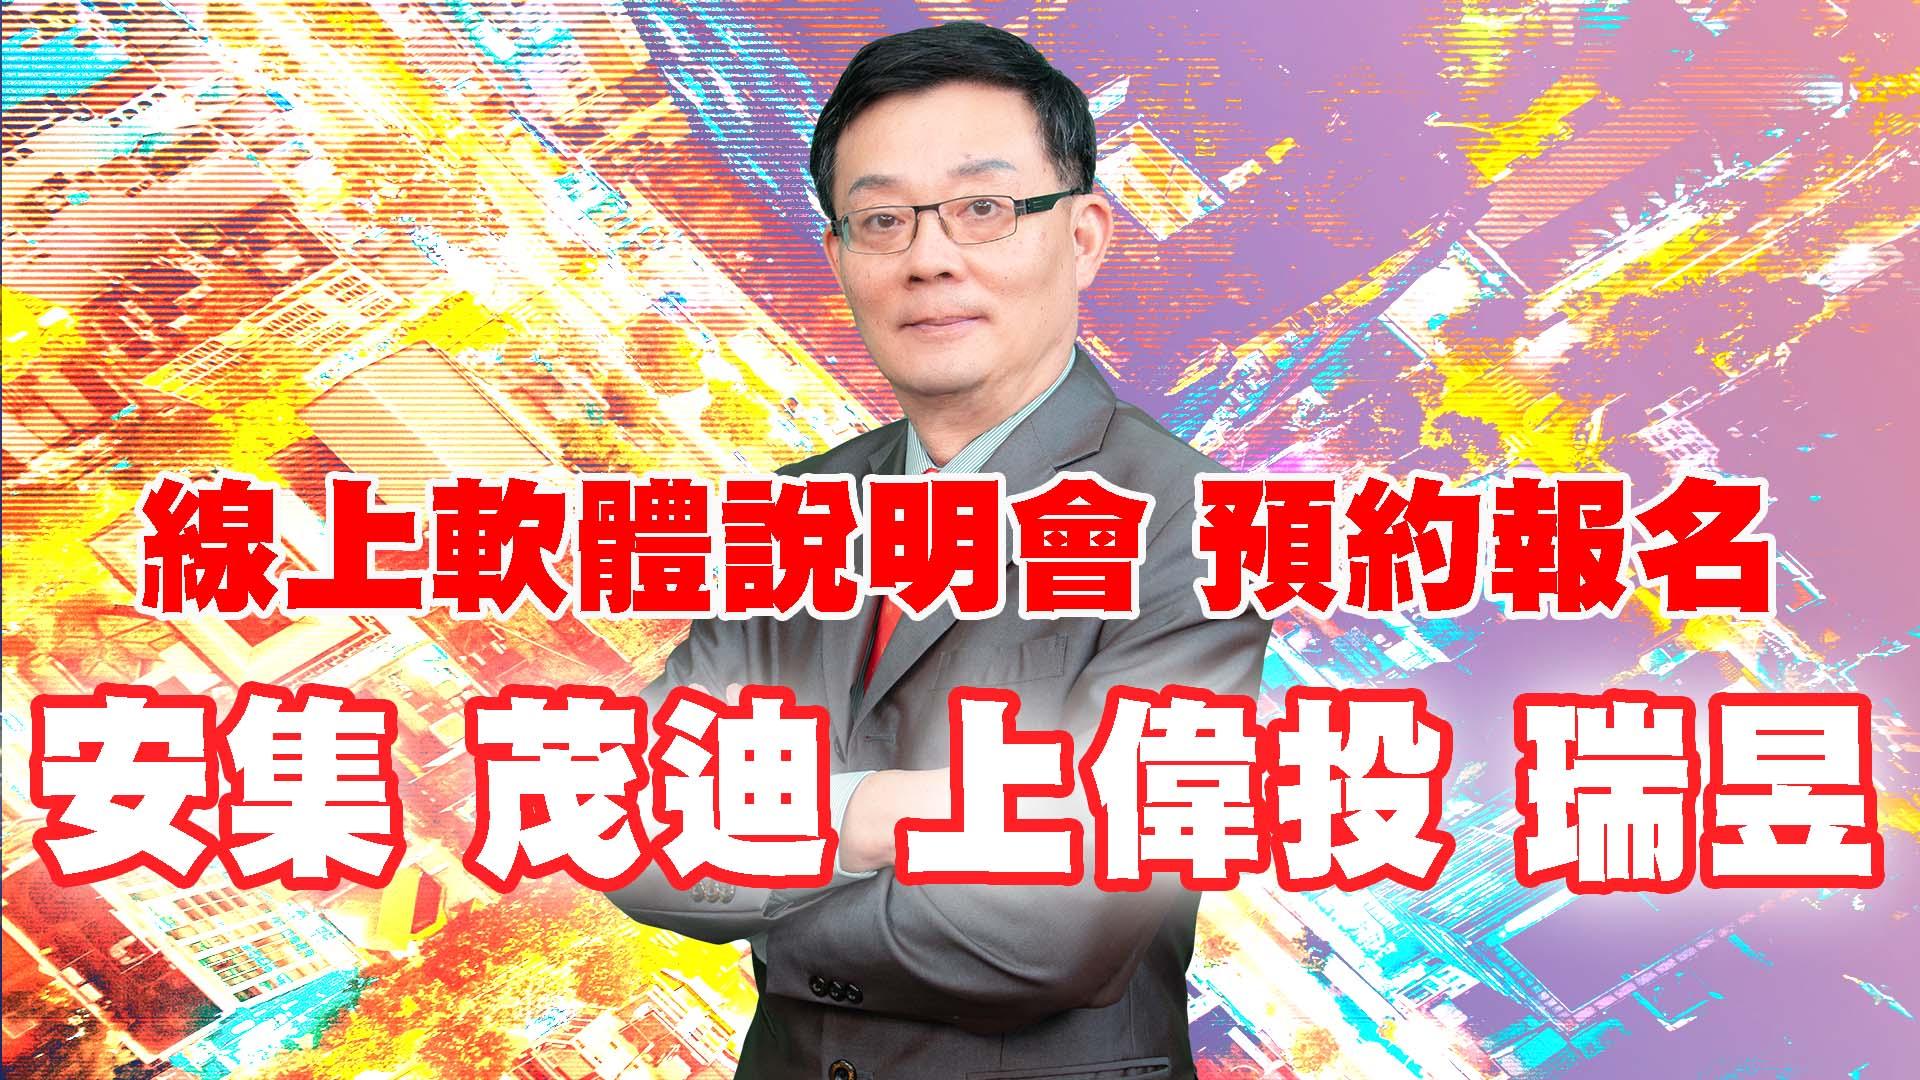 1013_線上軟體說明會 預約報名 安集 茂迪 上偉投 瑞昱